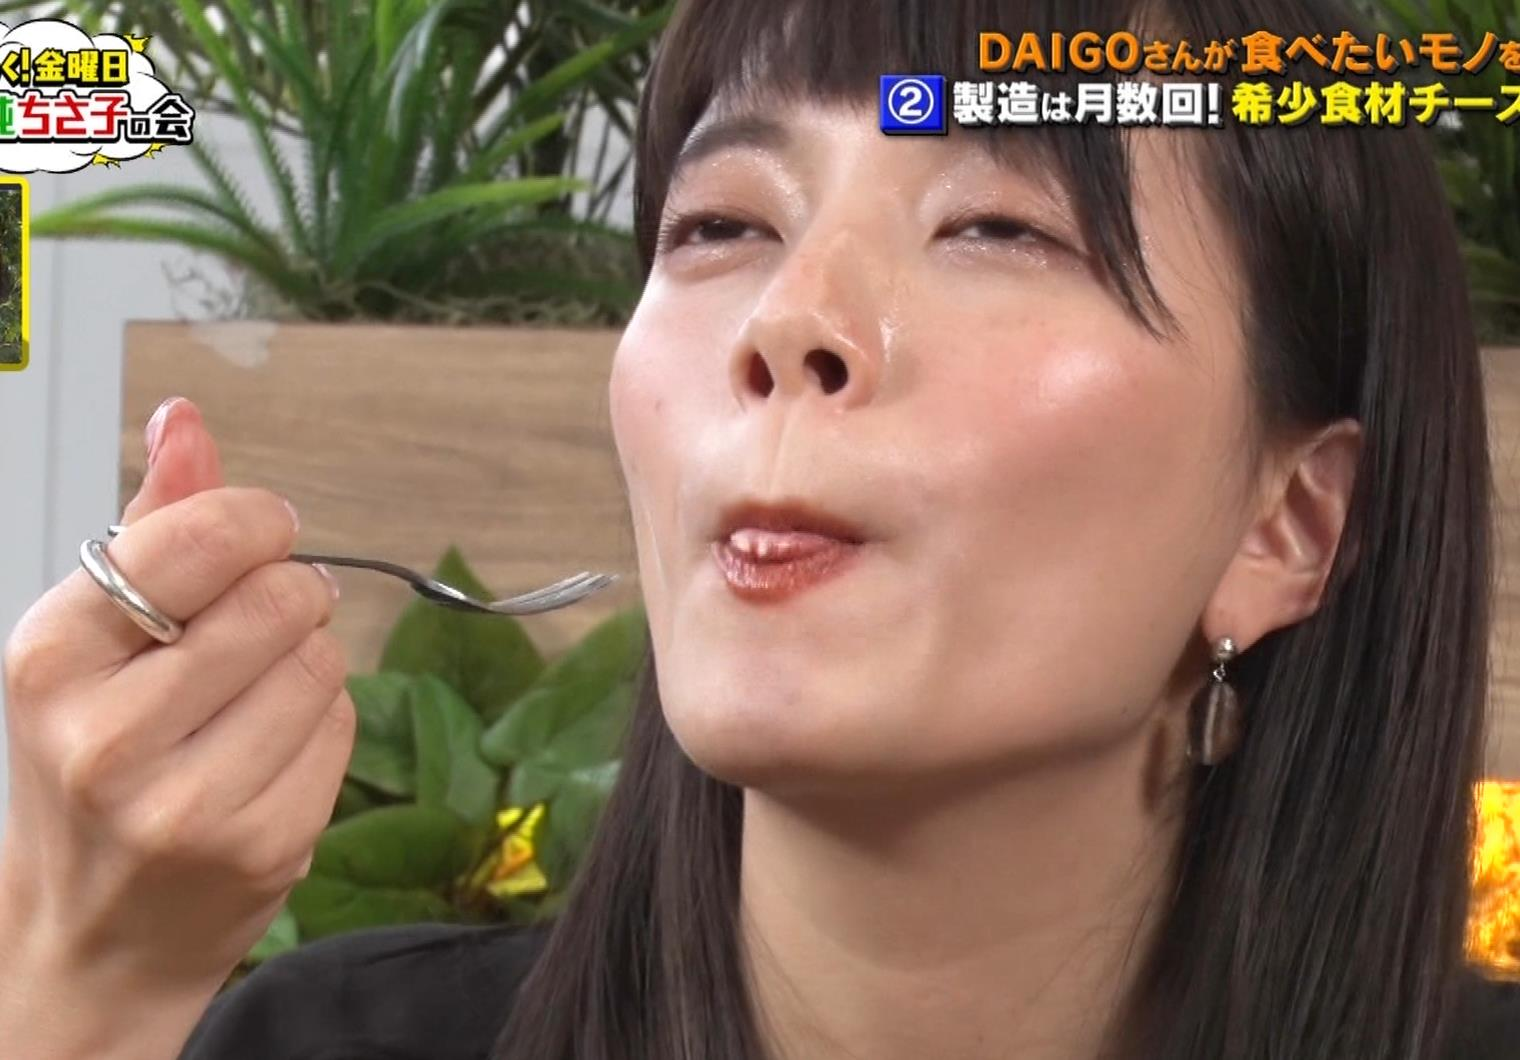 三谷紬アナ チーズケーキを美味しそうに食べるキャプ・エロ画像7